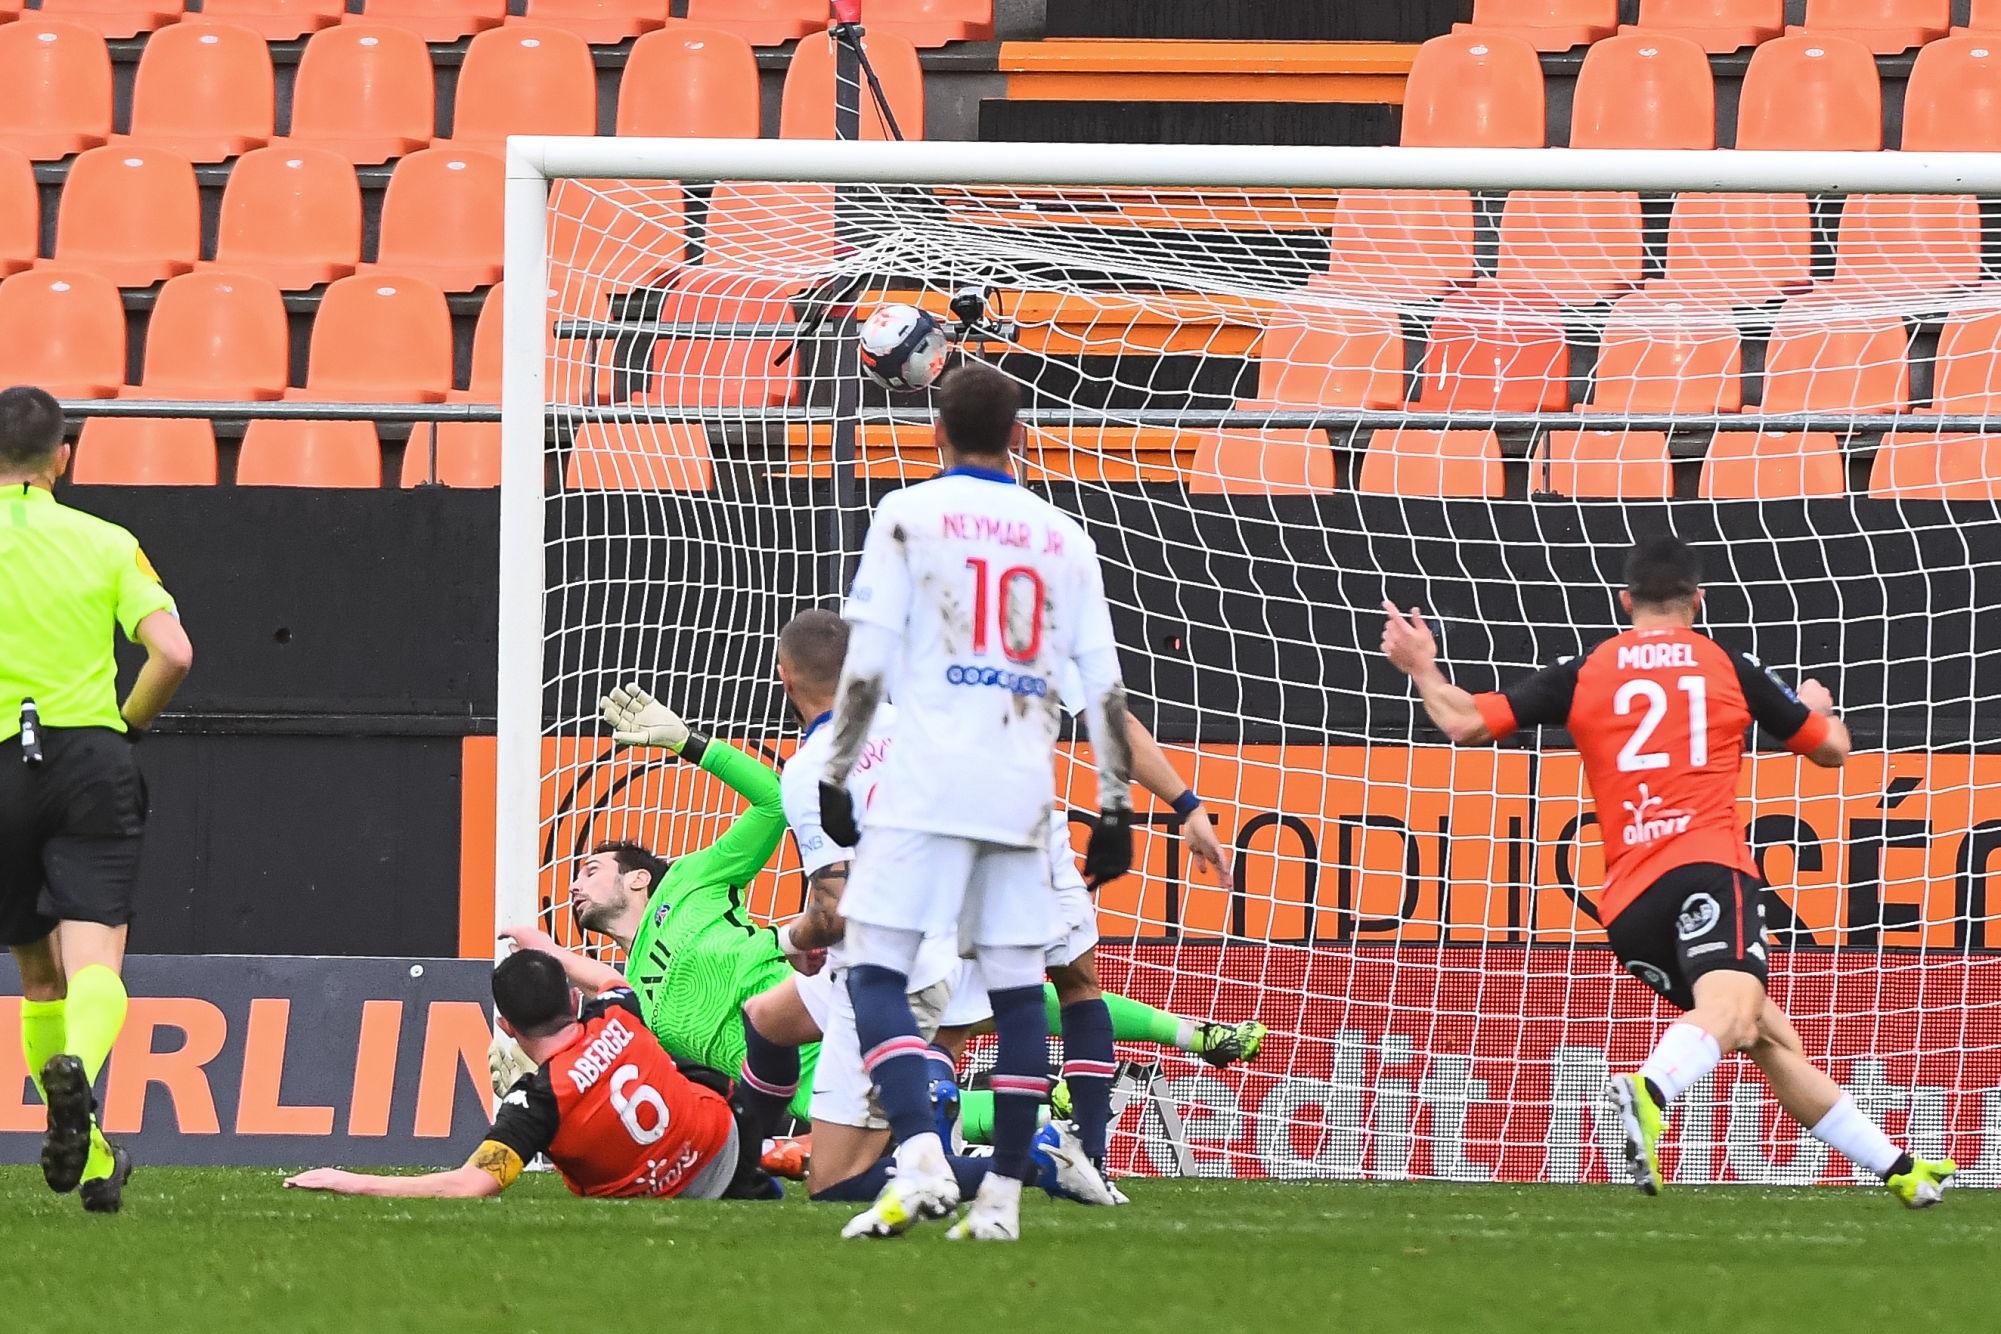 Ligue 1 - Le PSG a son plus grand nombre de défaites en 22 journées de l'ère QSI